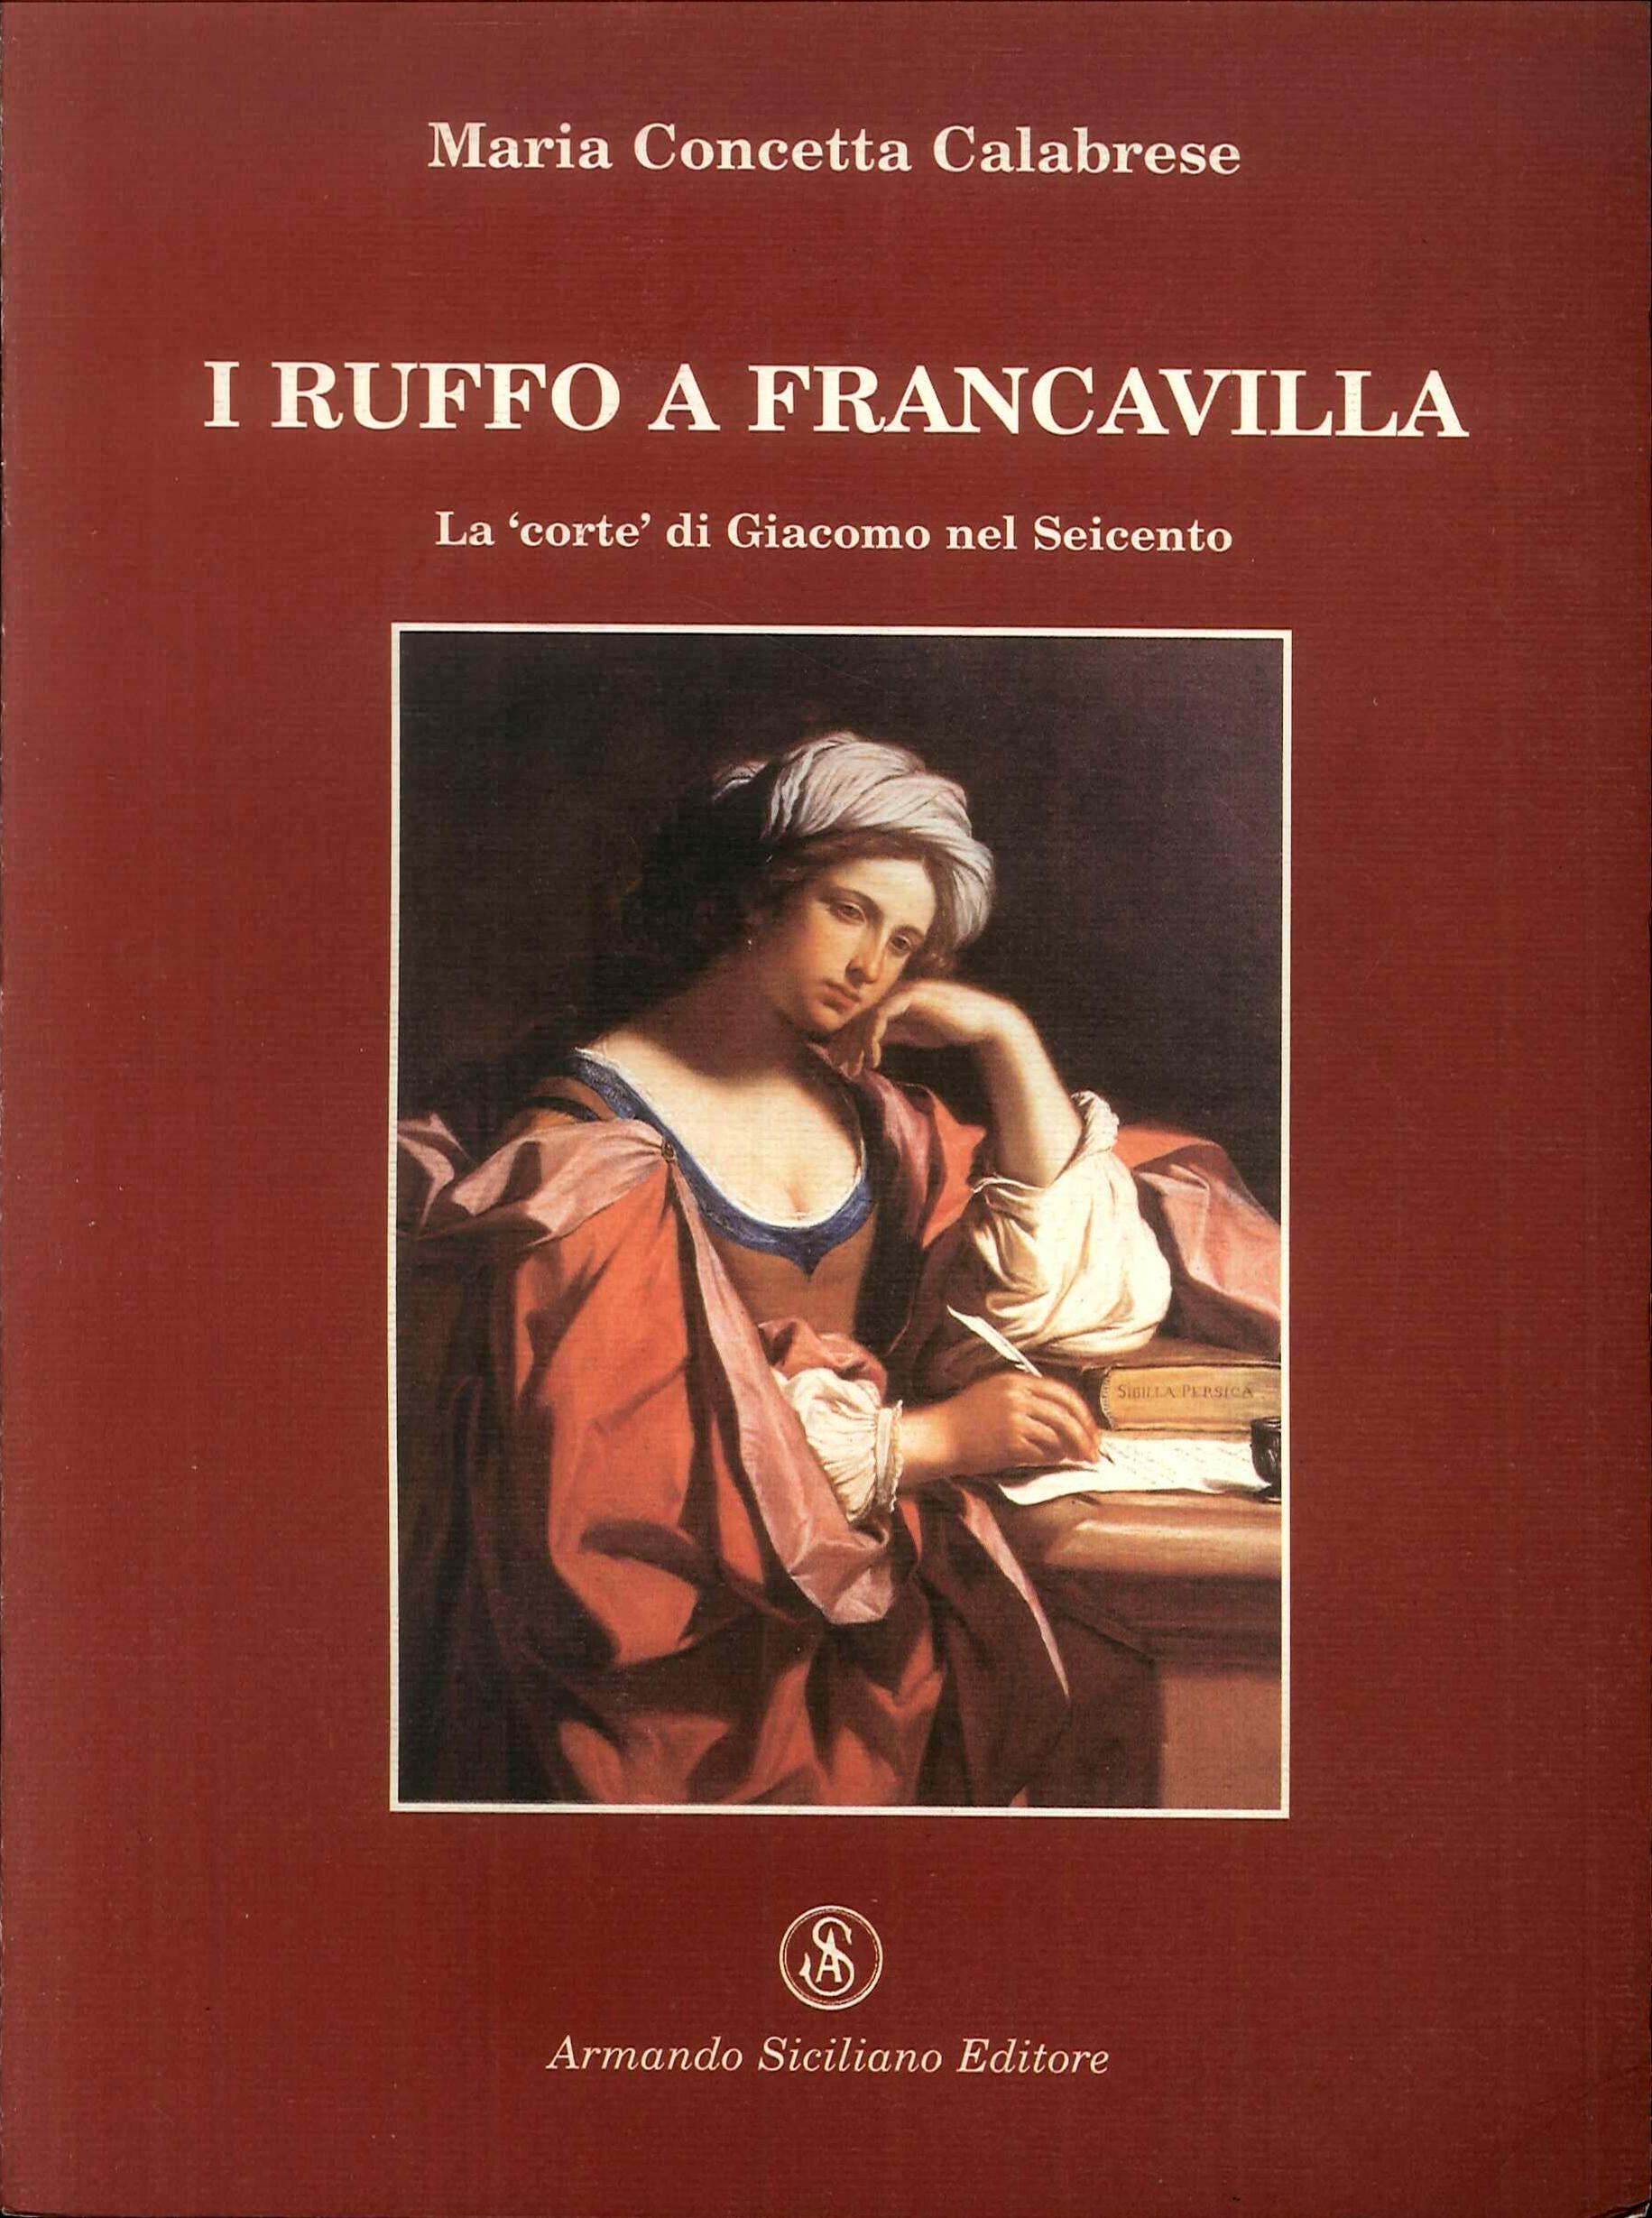 I-Ruffo-a-Francavilla-La-034-corte-034-di-Giacomo-nel-Seicento-Siciliano